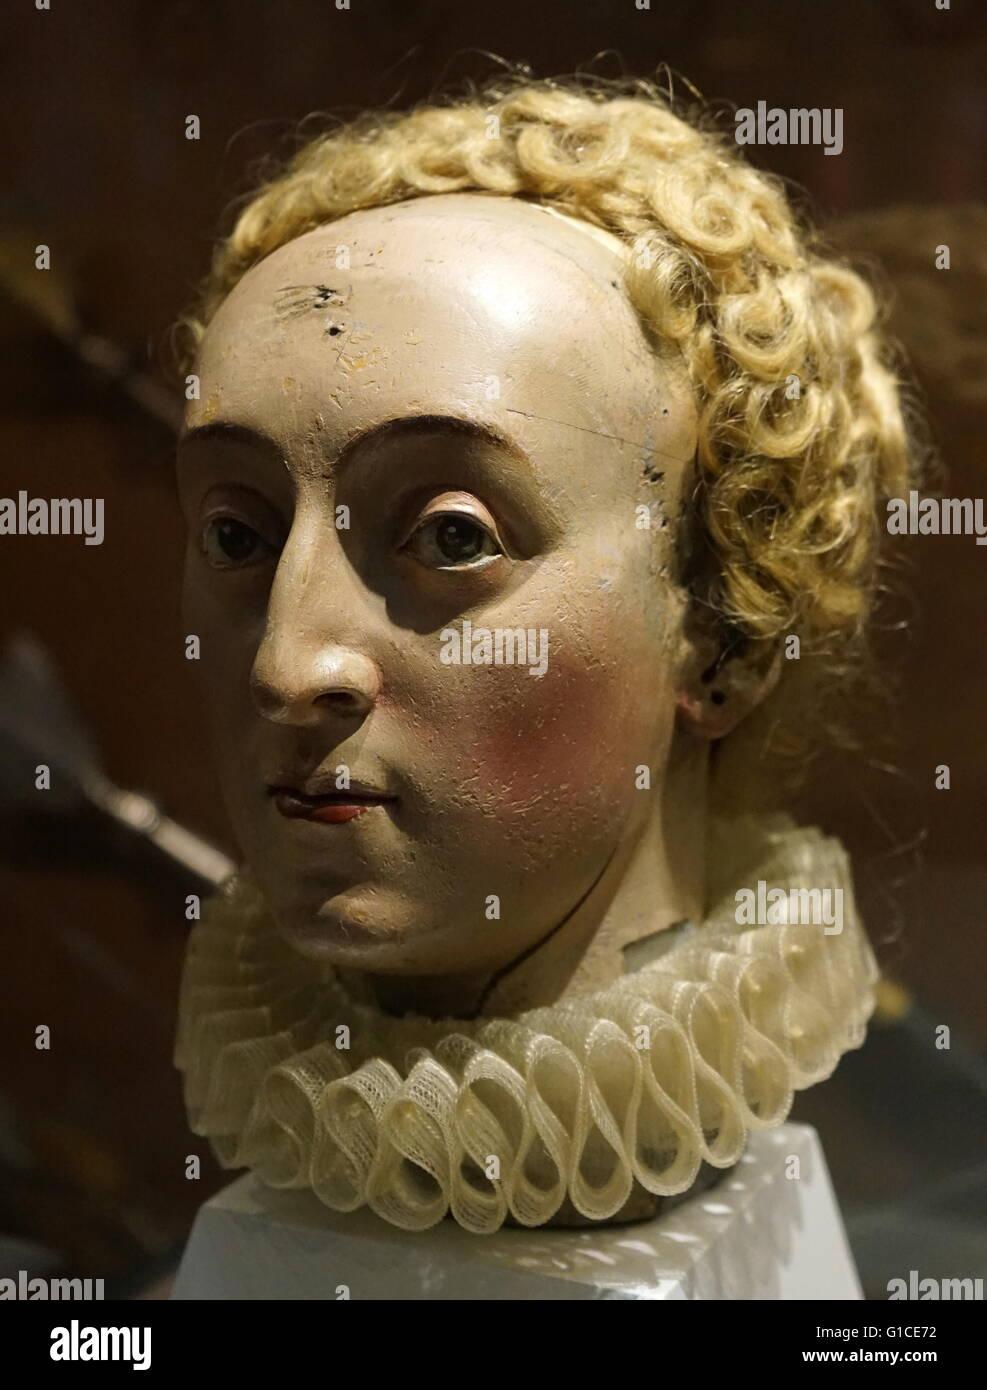 17 Jahrhundert Bild Architektur: Holzkopf Von Königin Elizabeth I. Von England (1533-1603